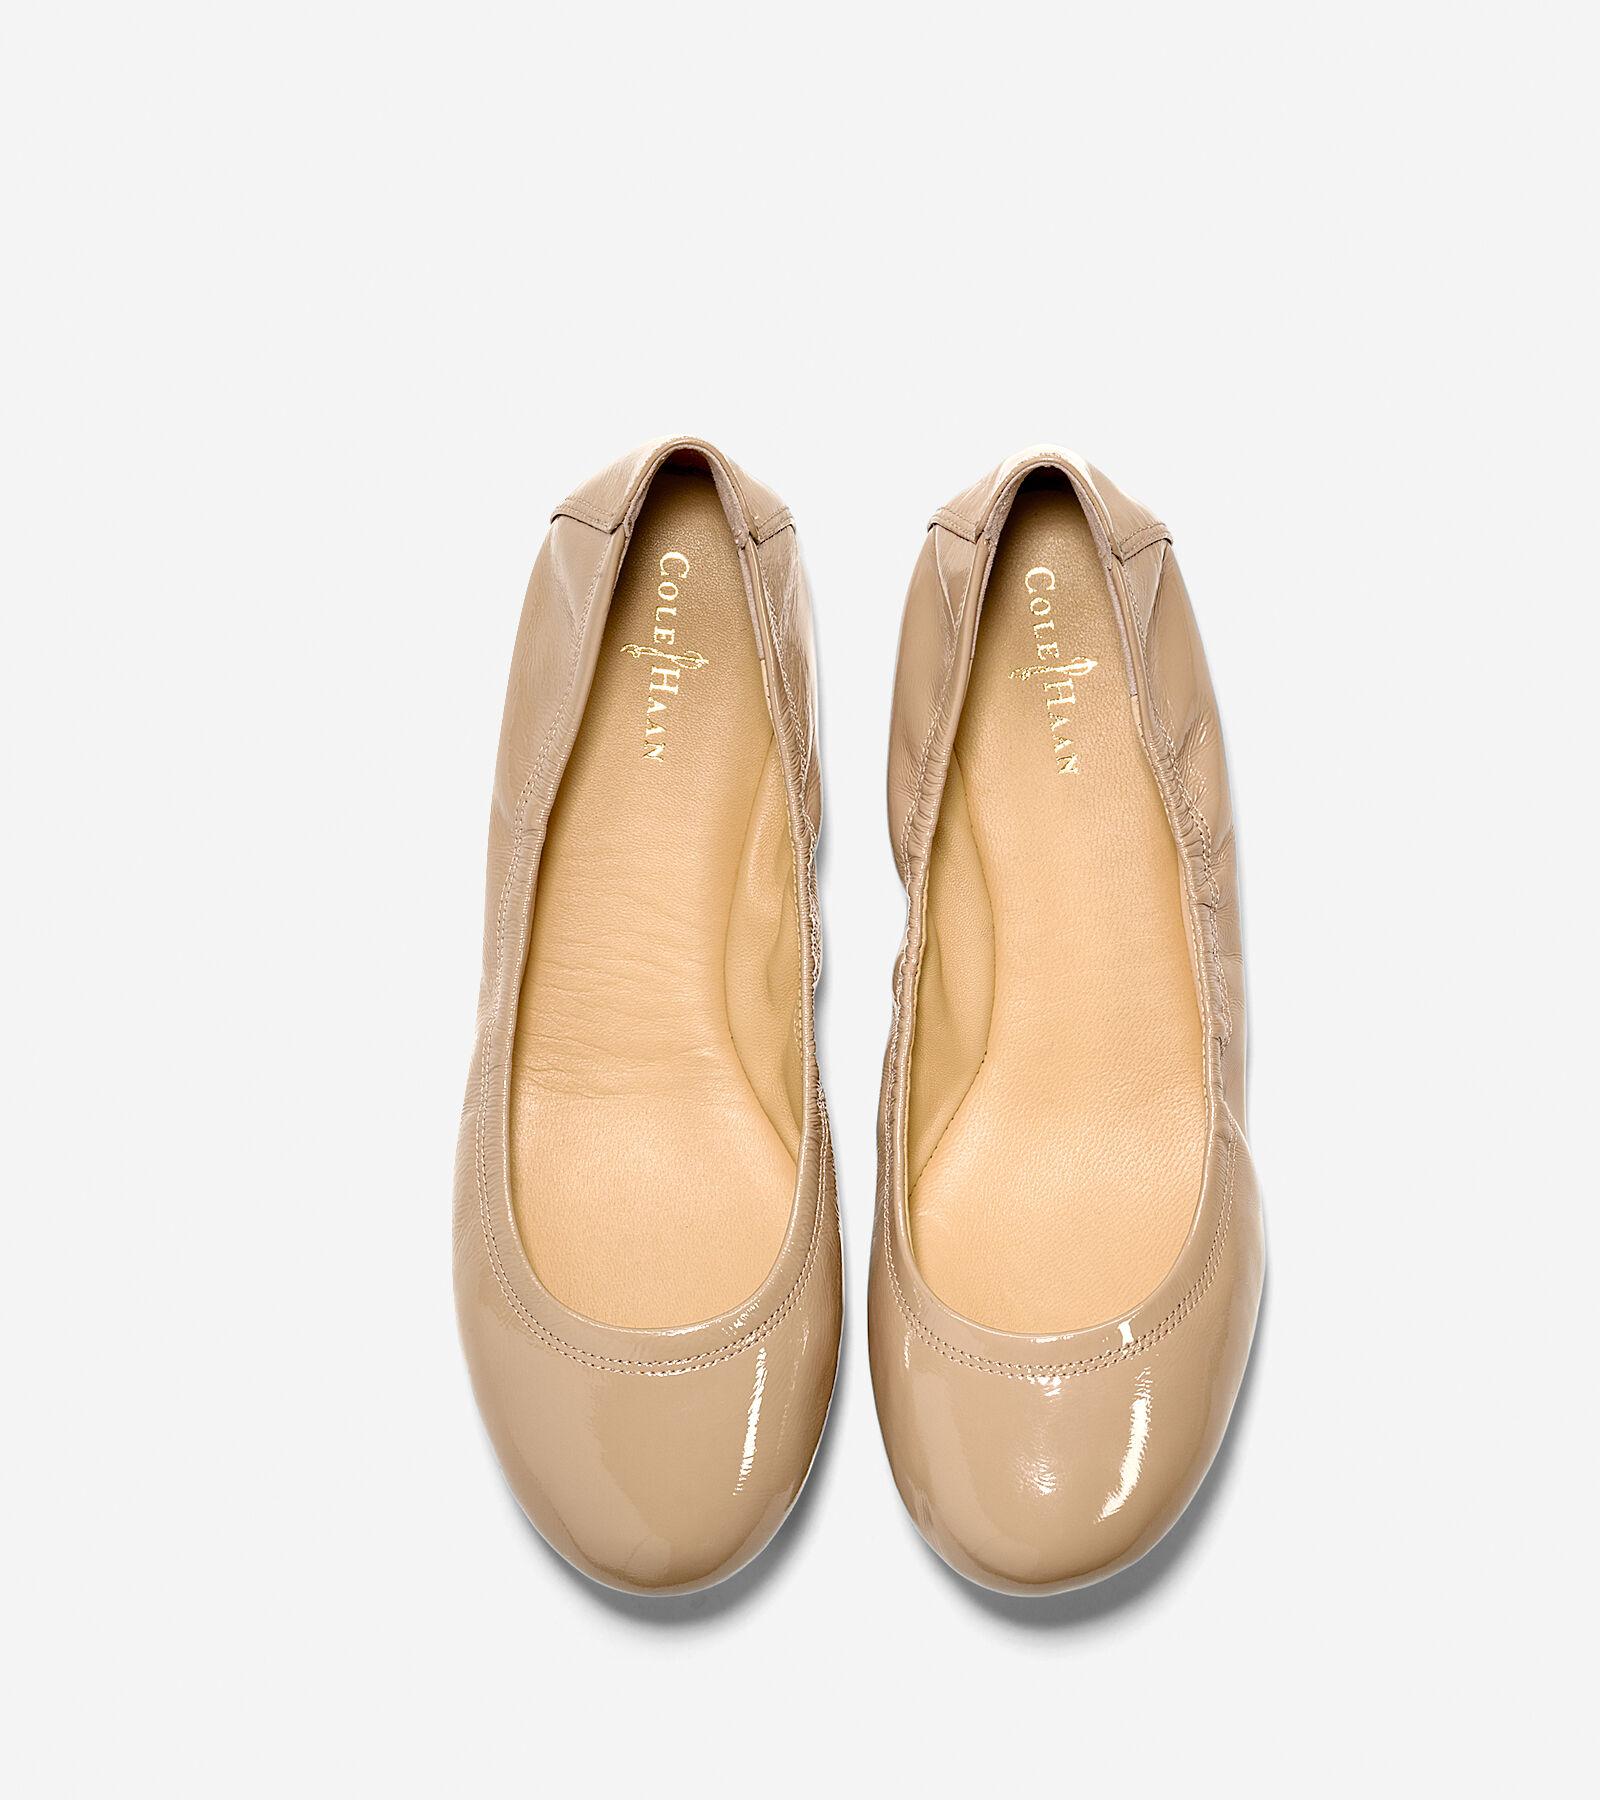 Manhattan Ballet Flats in Sandstone